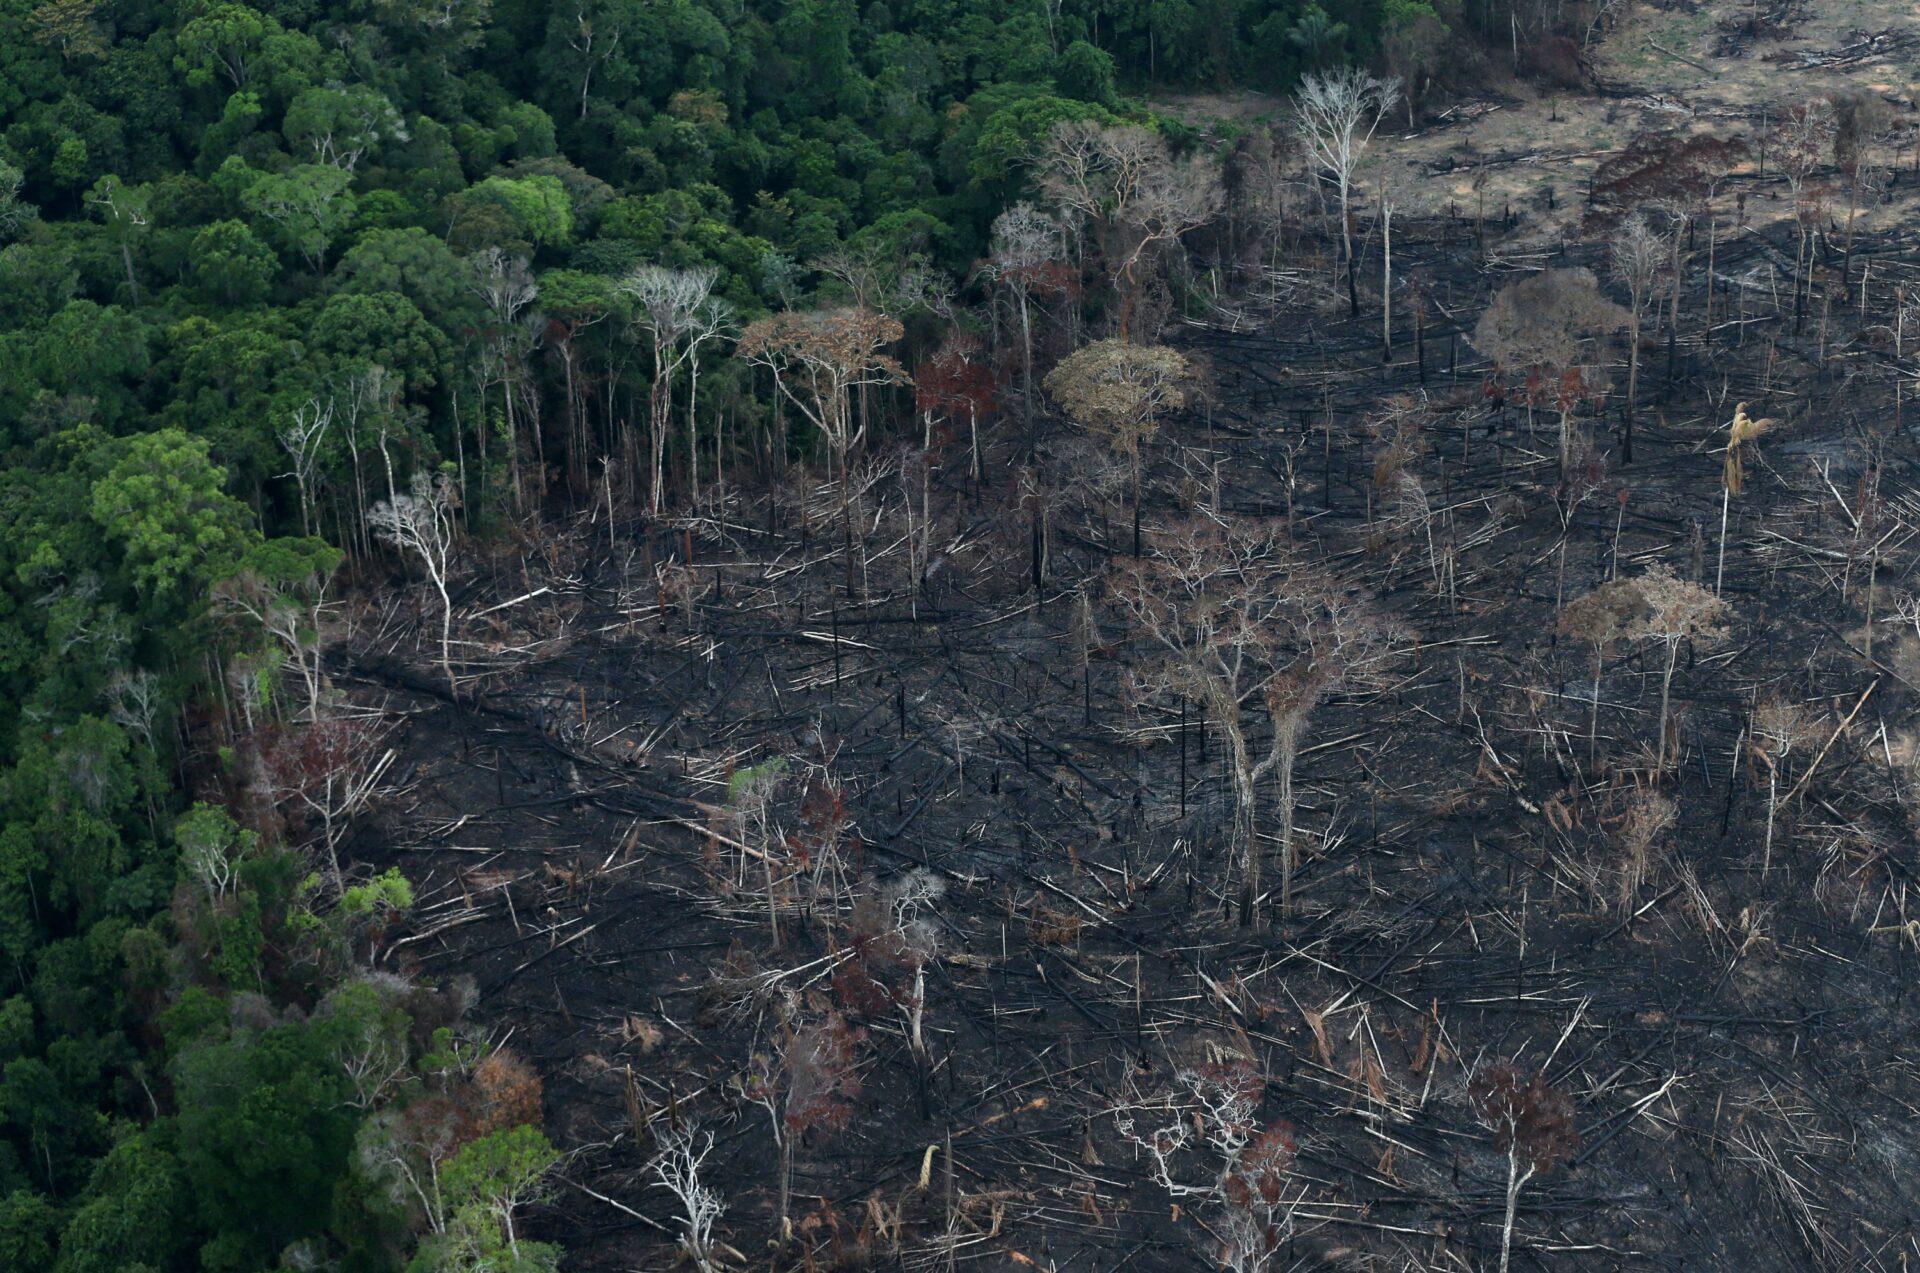 Αποψίλωση του Αμαζονίου: Ακραίοι καύσωνες στη Βραζιλία μέχρι το 2100